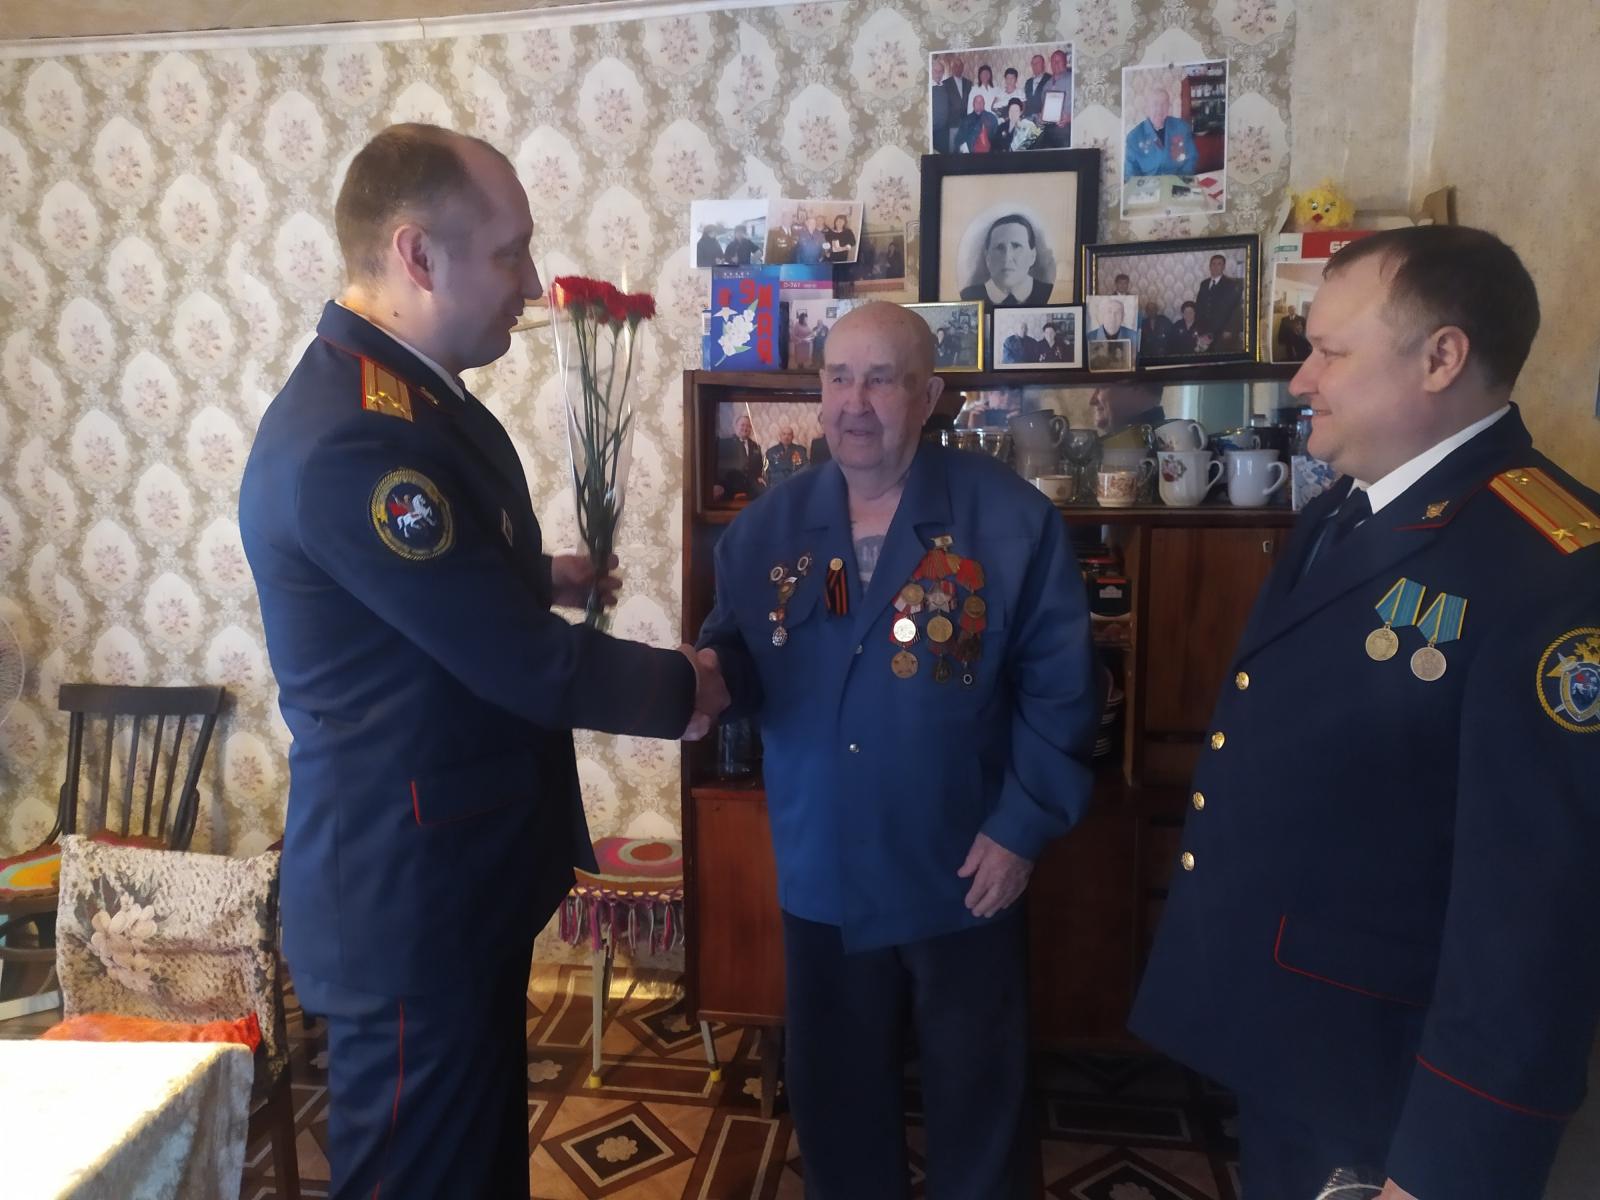 Следователи поздравили ветерана с юбилеем и оказали помощь